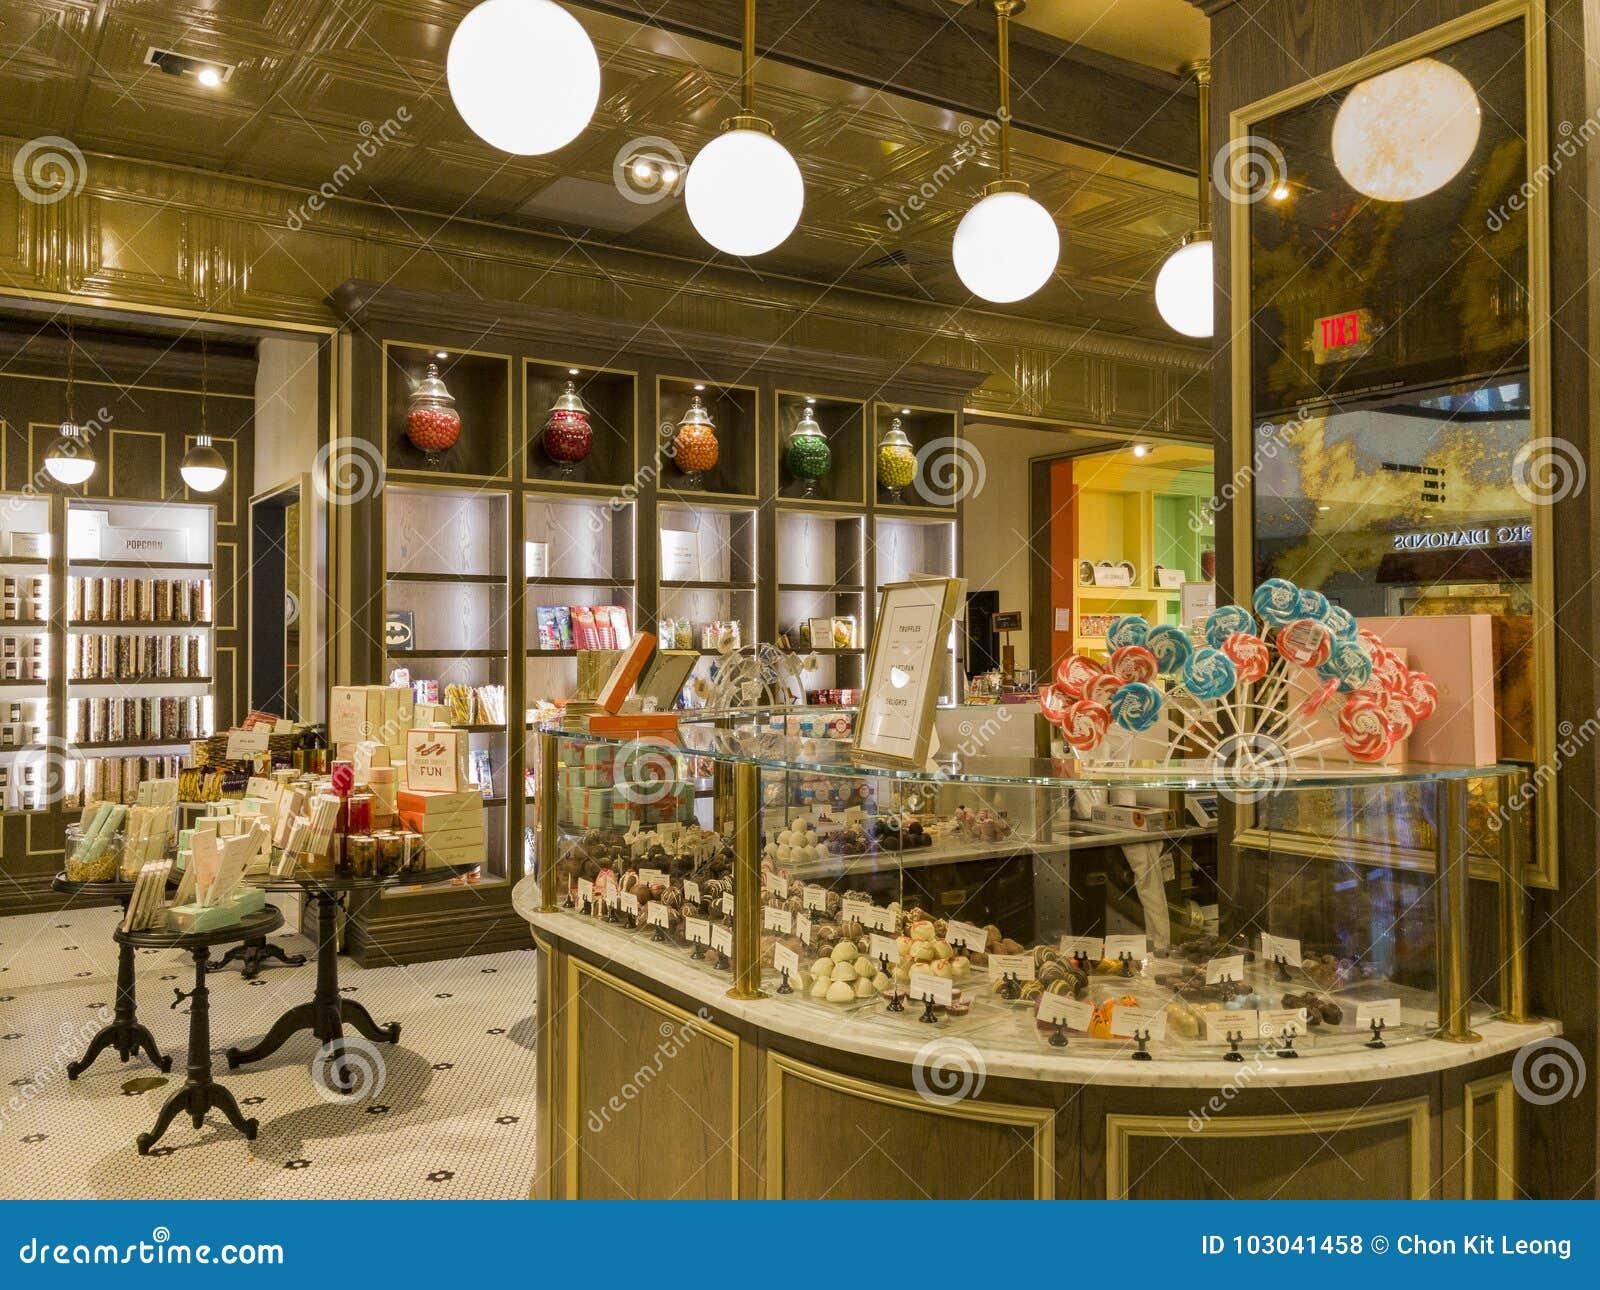 Wewnętrzny widok specjalny cukierku sklep w Glendale Galleria